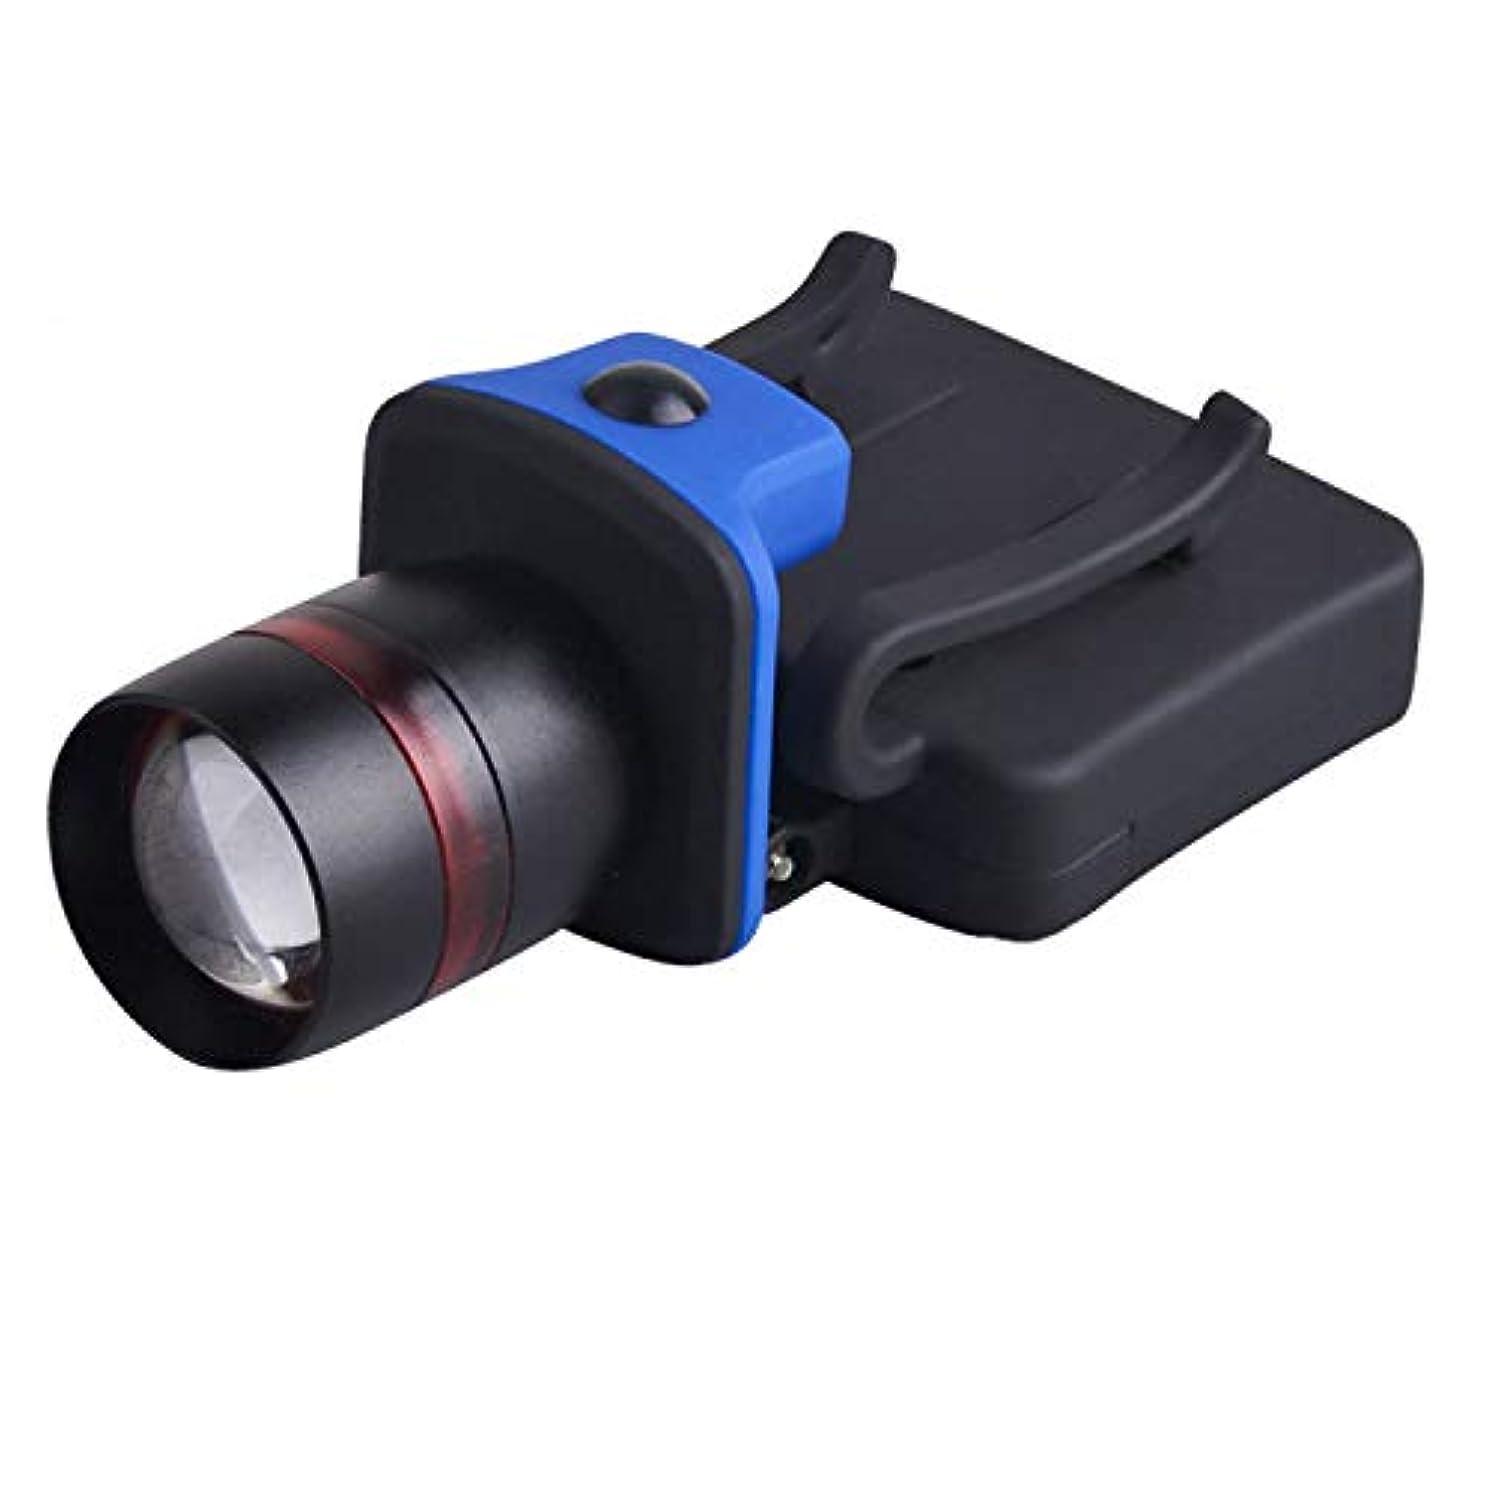 ポルティコ約特殊回転懐中電燈XPEを薄暗くする強いズームレンズのコレットライト、ズームレンズ3つのファイル